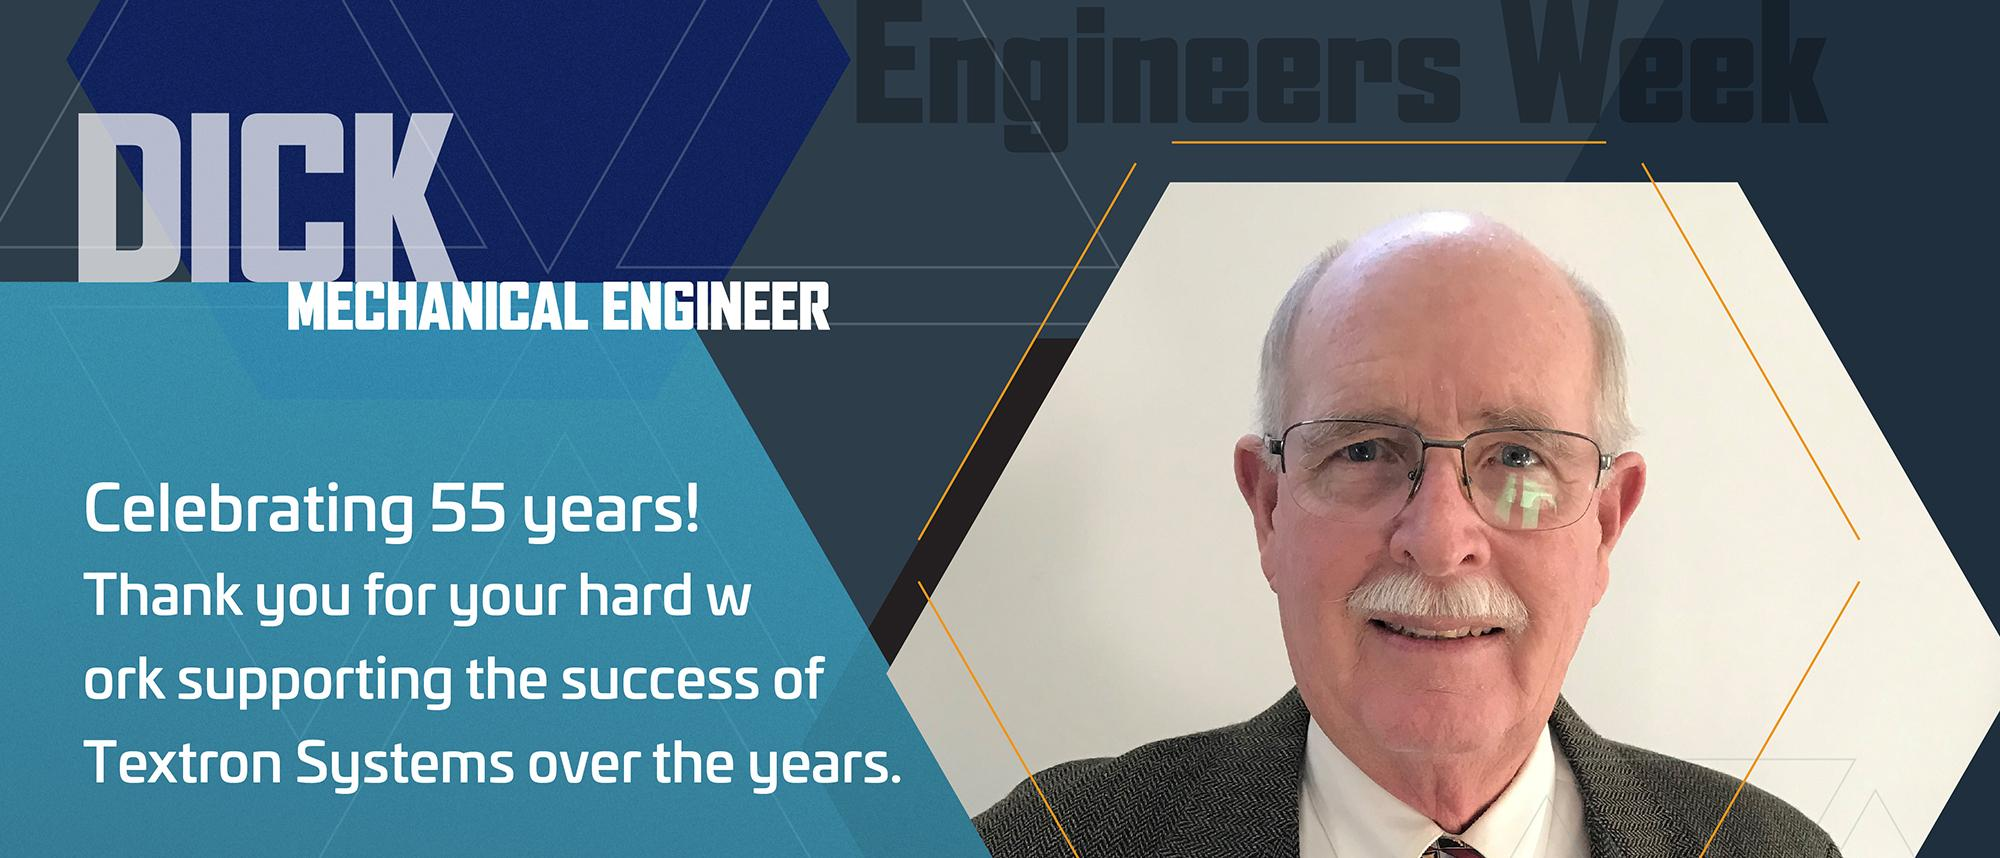 Meet Dick Q. - Mechanical Engineer